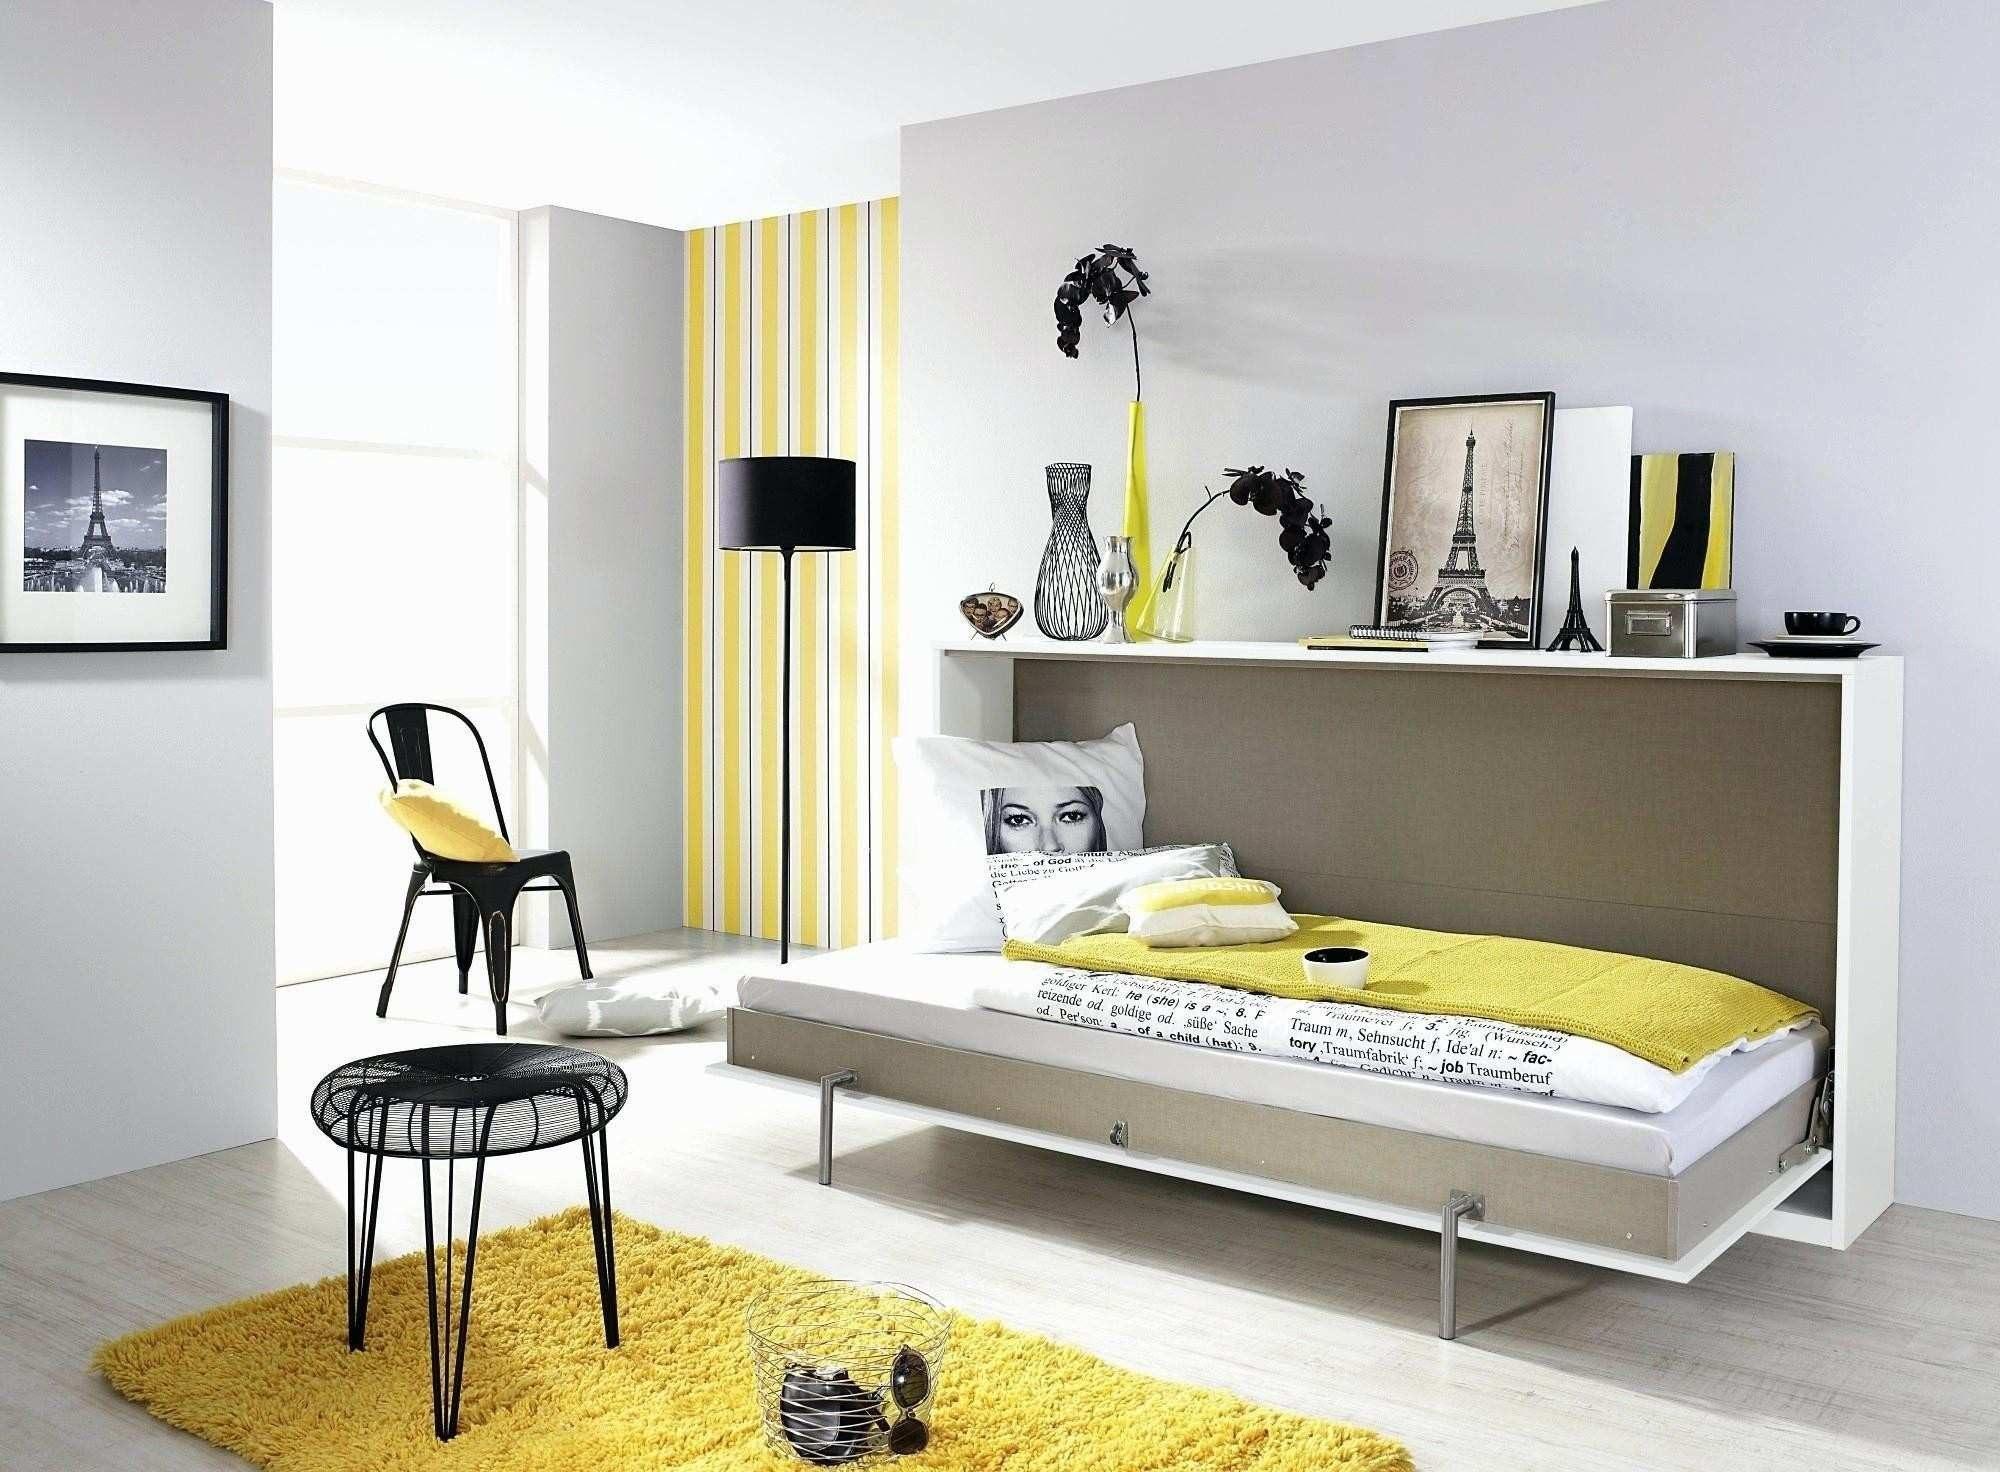 Lit Gigogne 2 Places Ikea Nouveau Intéressant Ikea Lit Canape Dans Lit Convertible 2 Places Ikea